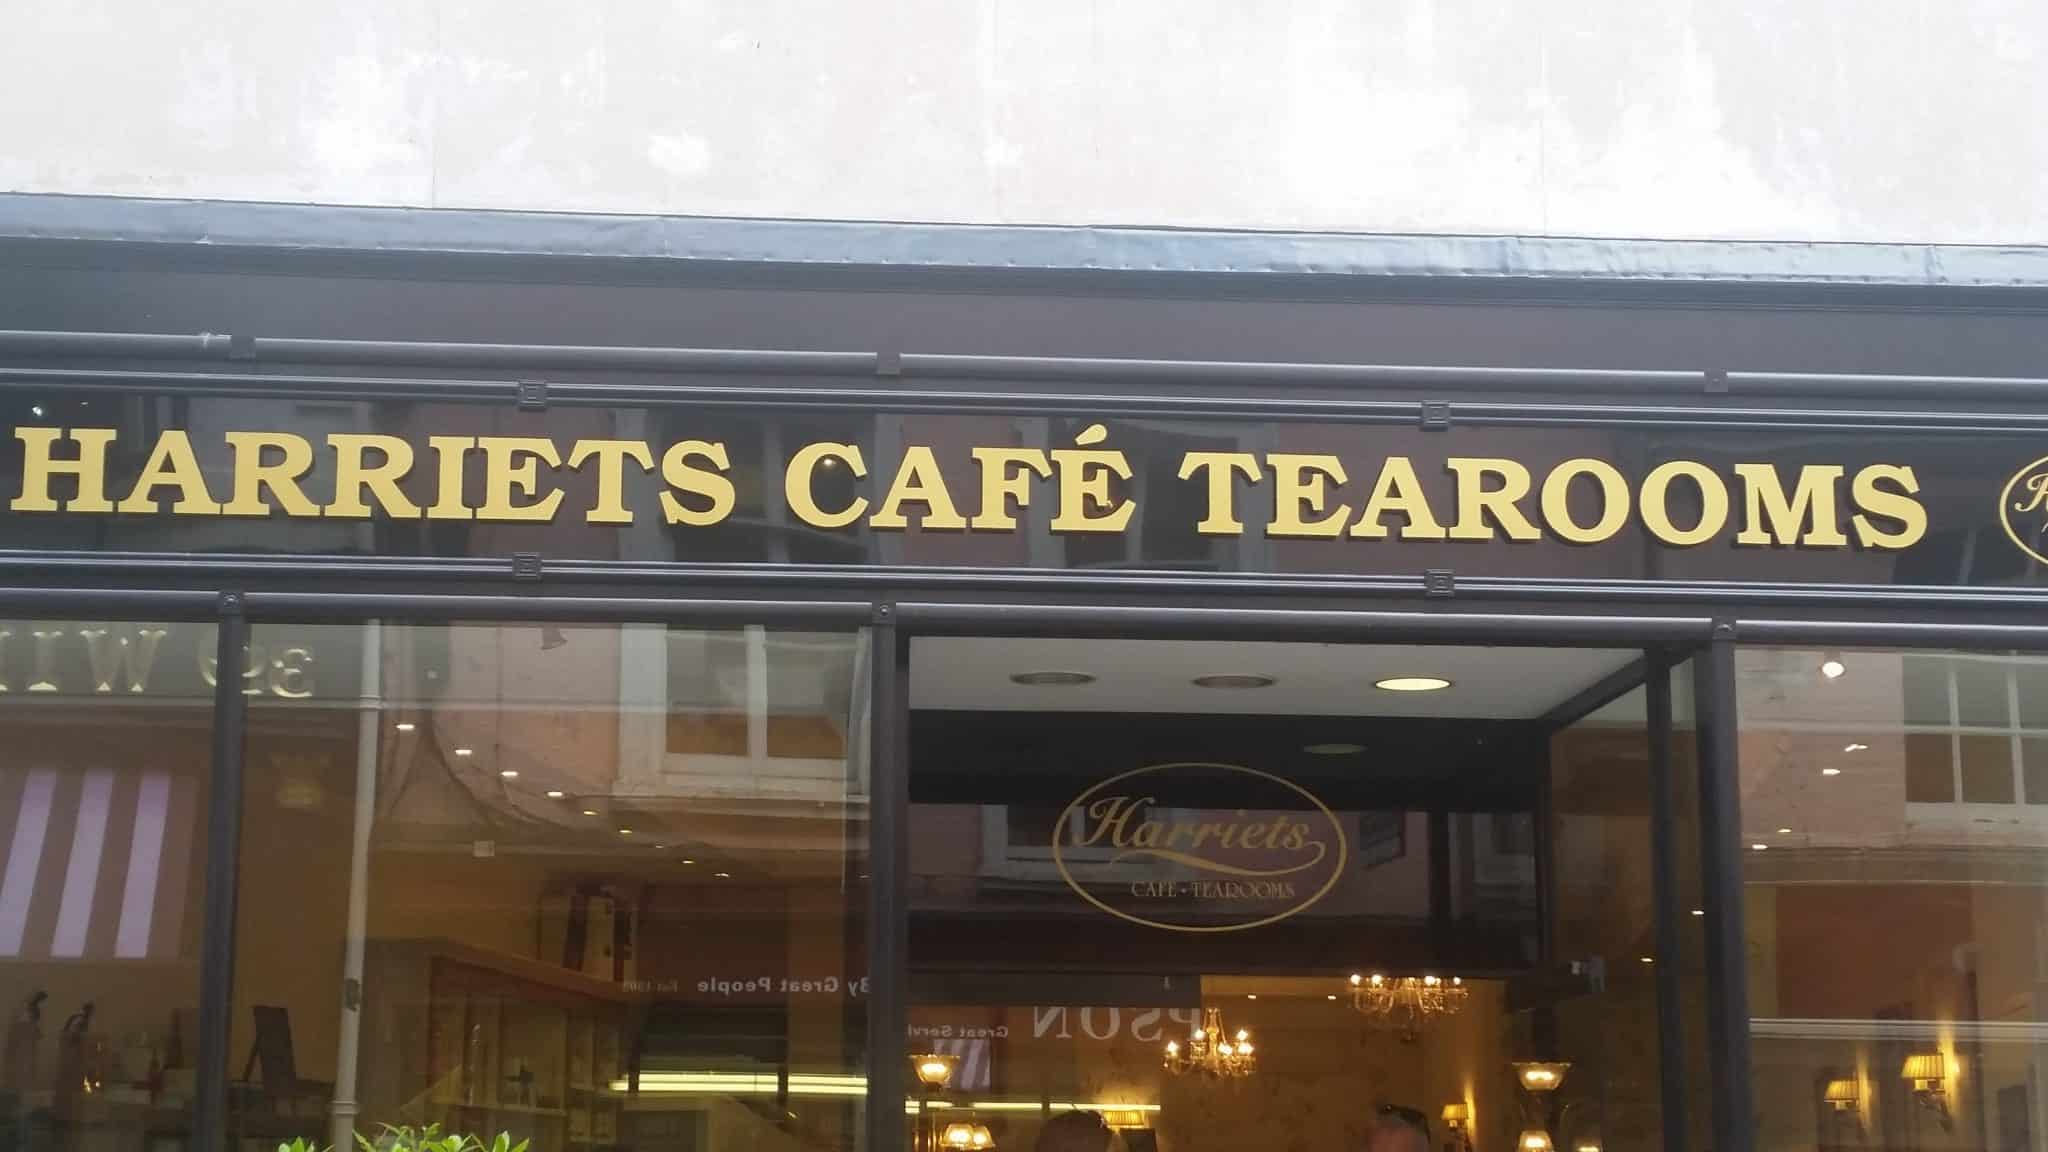 Harriet's Cafe tearoom